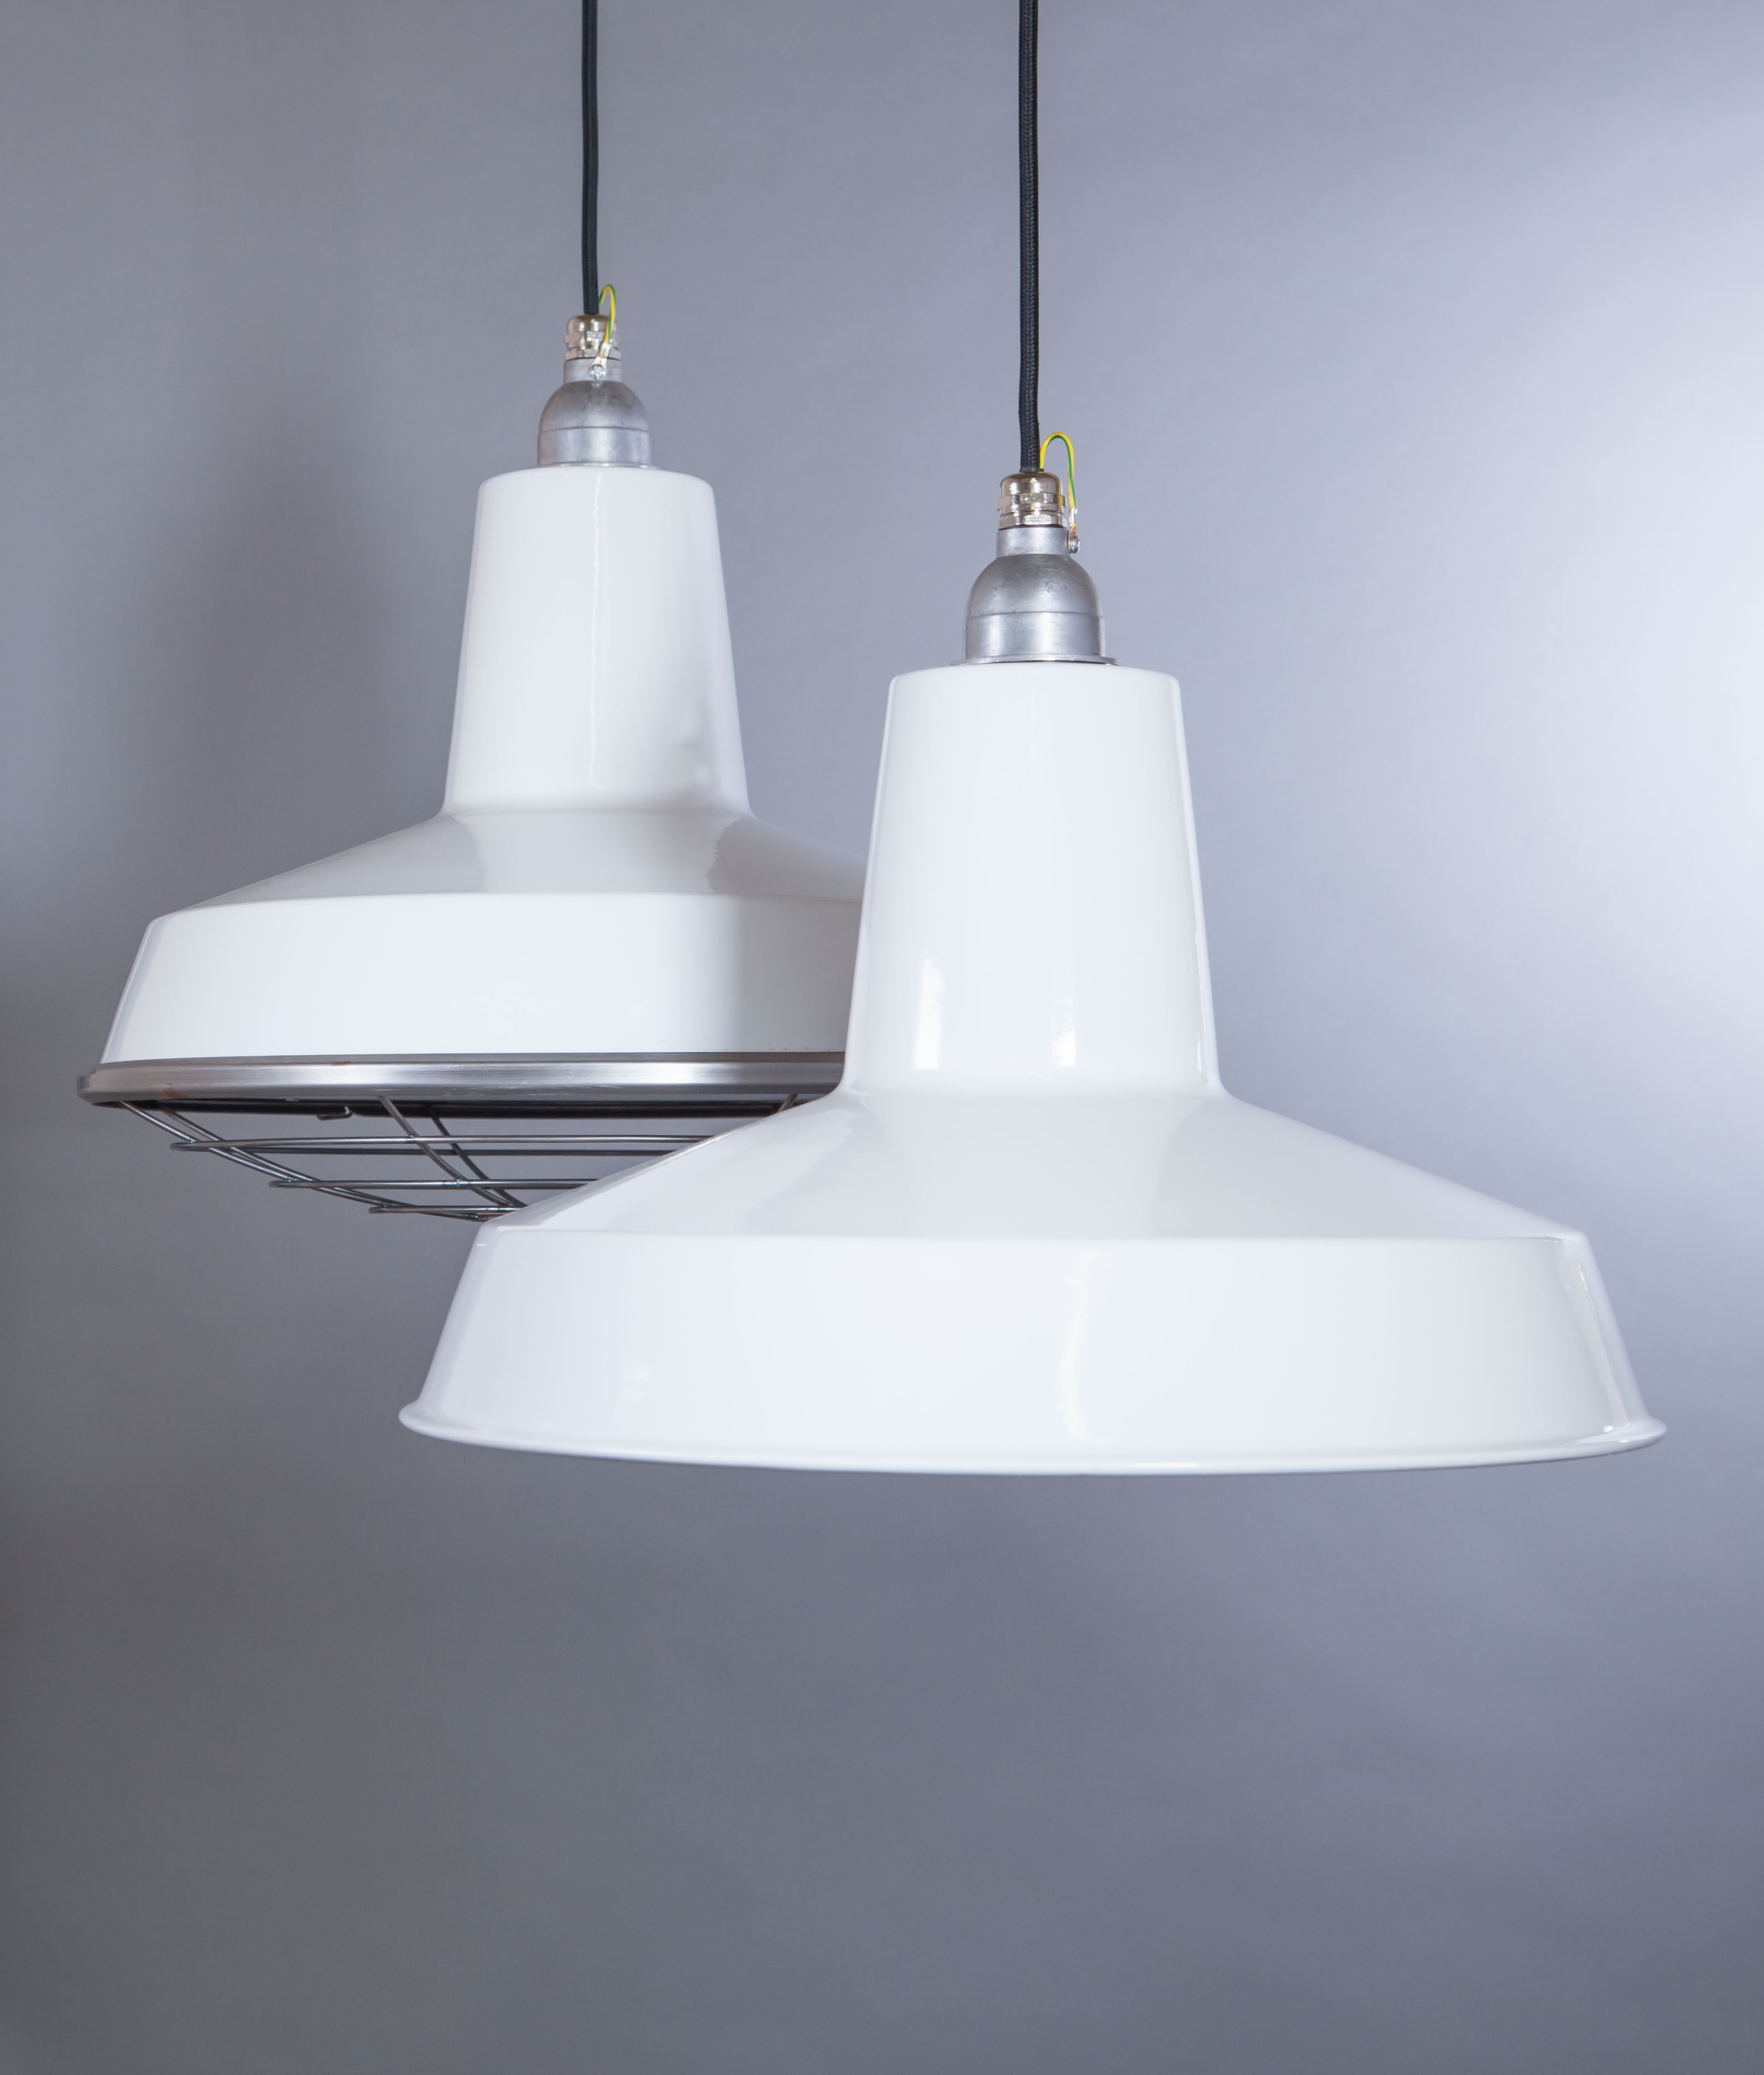 White Enamel Pendant Light Linton Industrial Style Light